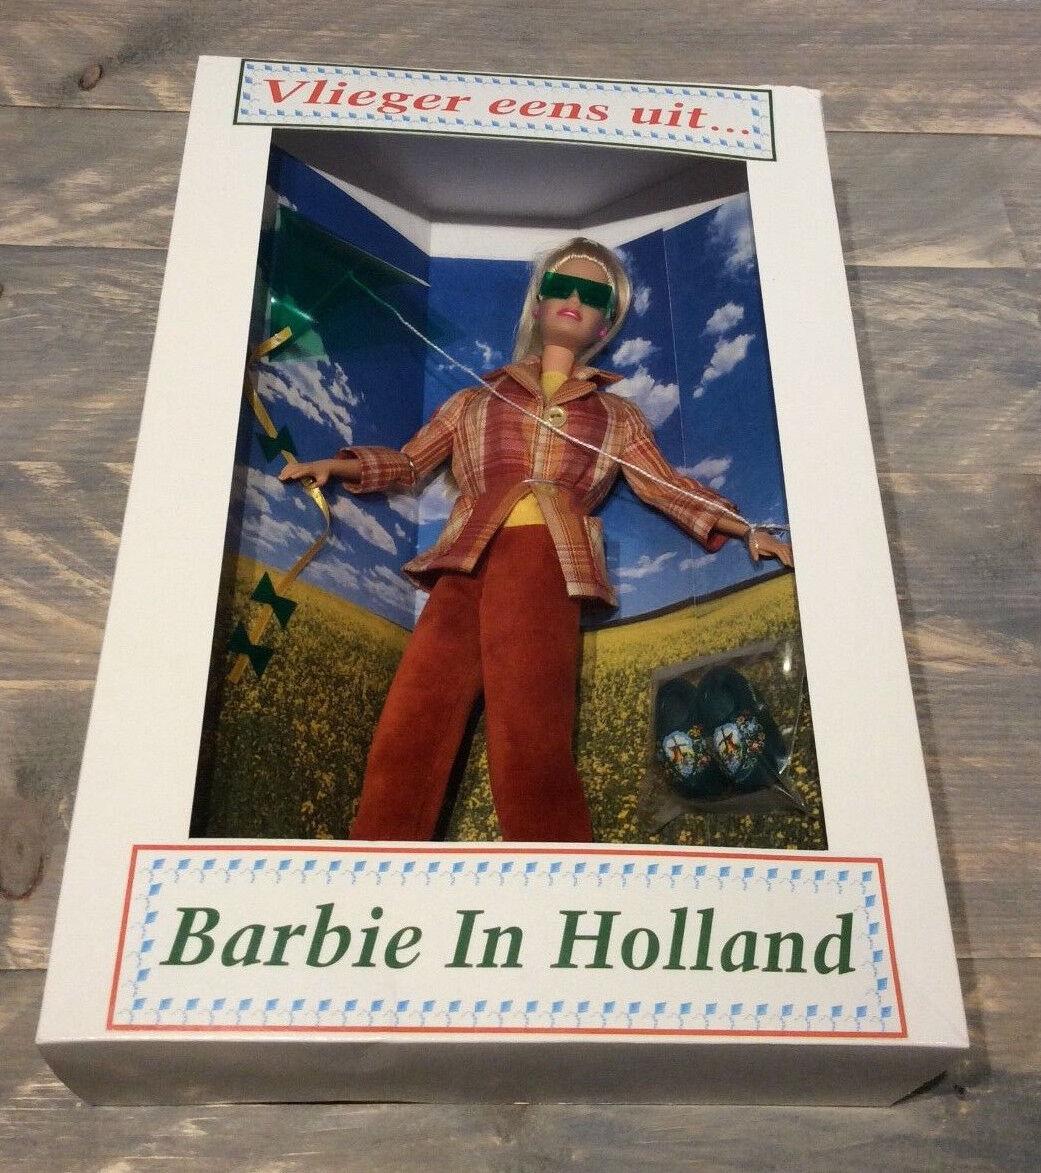 Barbie in Holland doll NRFB 2003 Dutch convention Vlieger eens uit Kite Fliegening